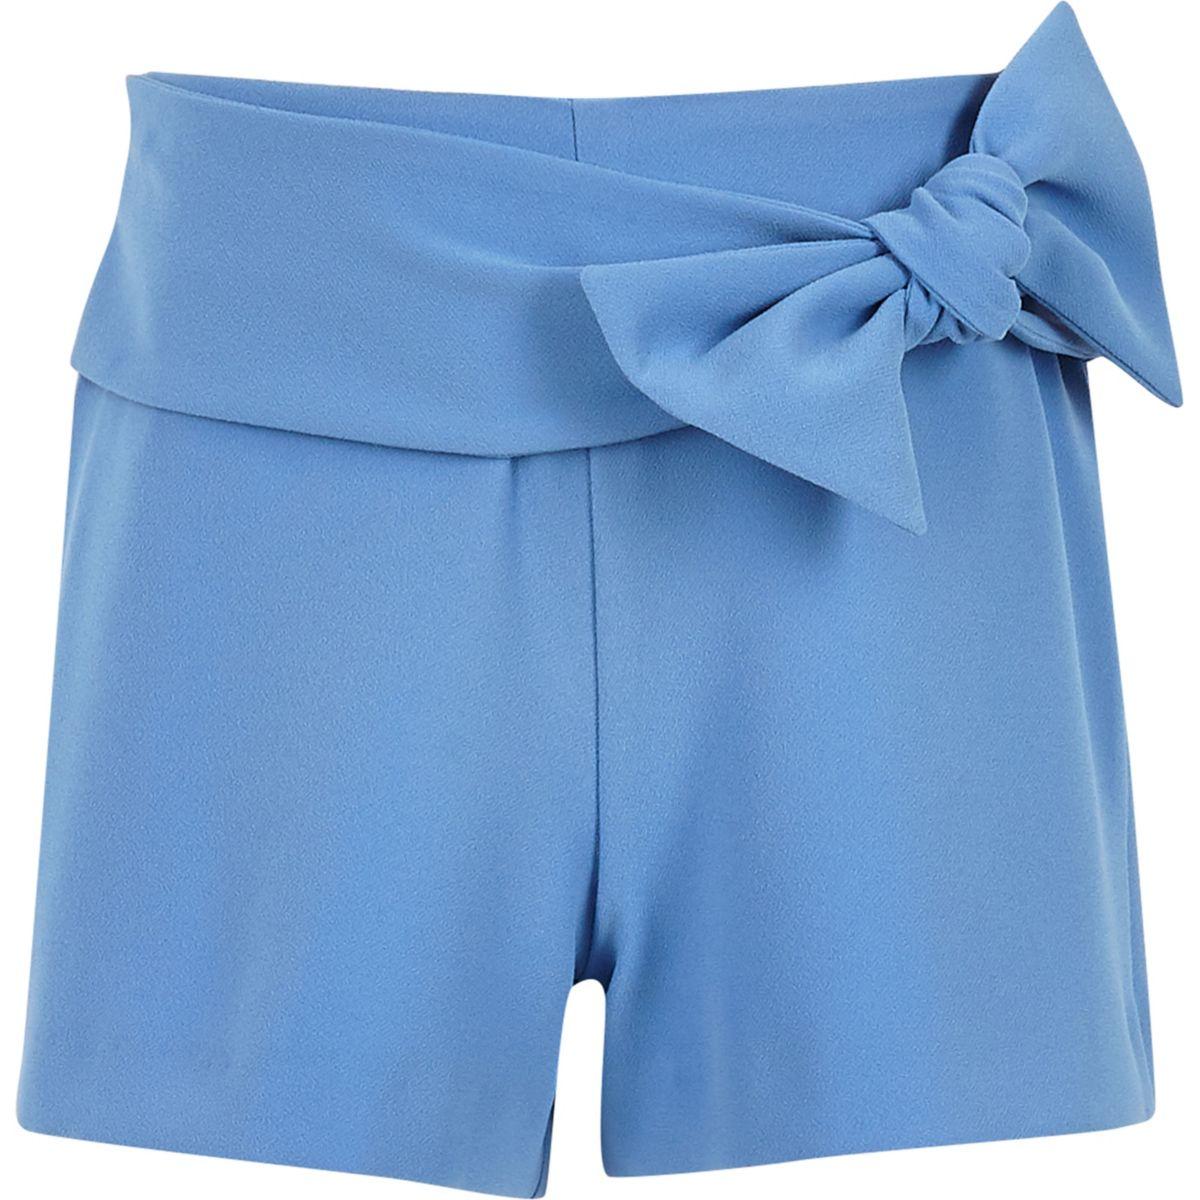 Blaue Shorts mit Schleife vorne